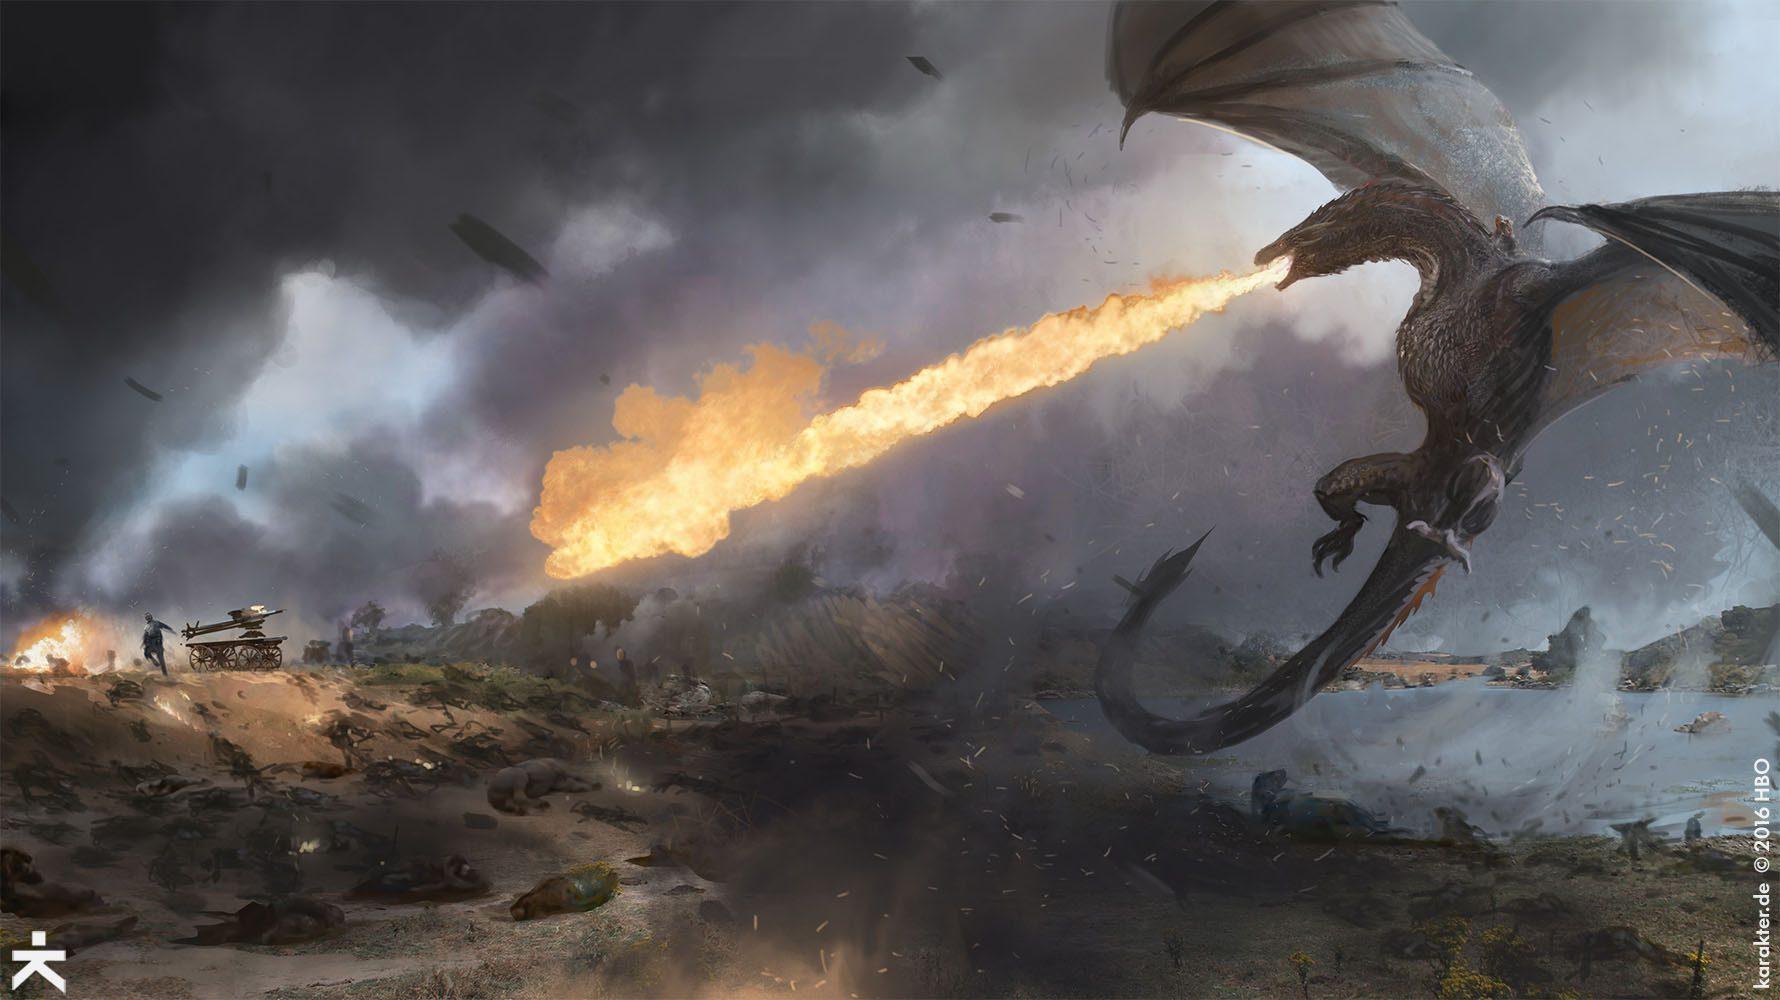 Karakter Studio - Game Of Thrones Concept Art